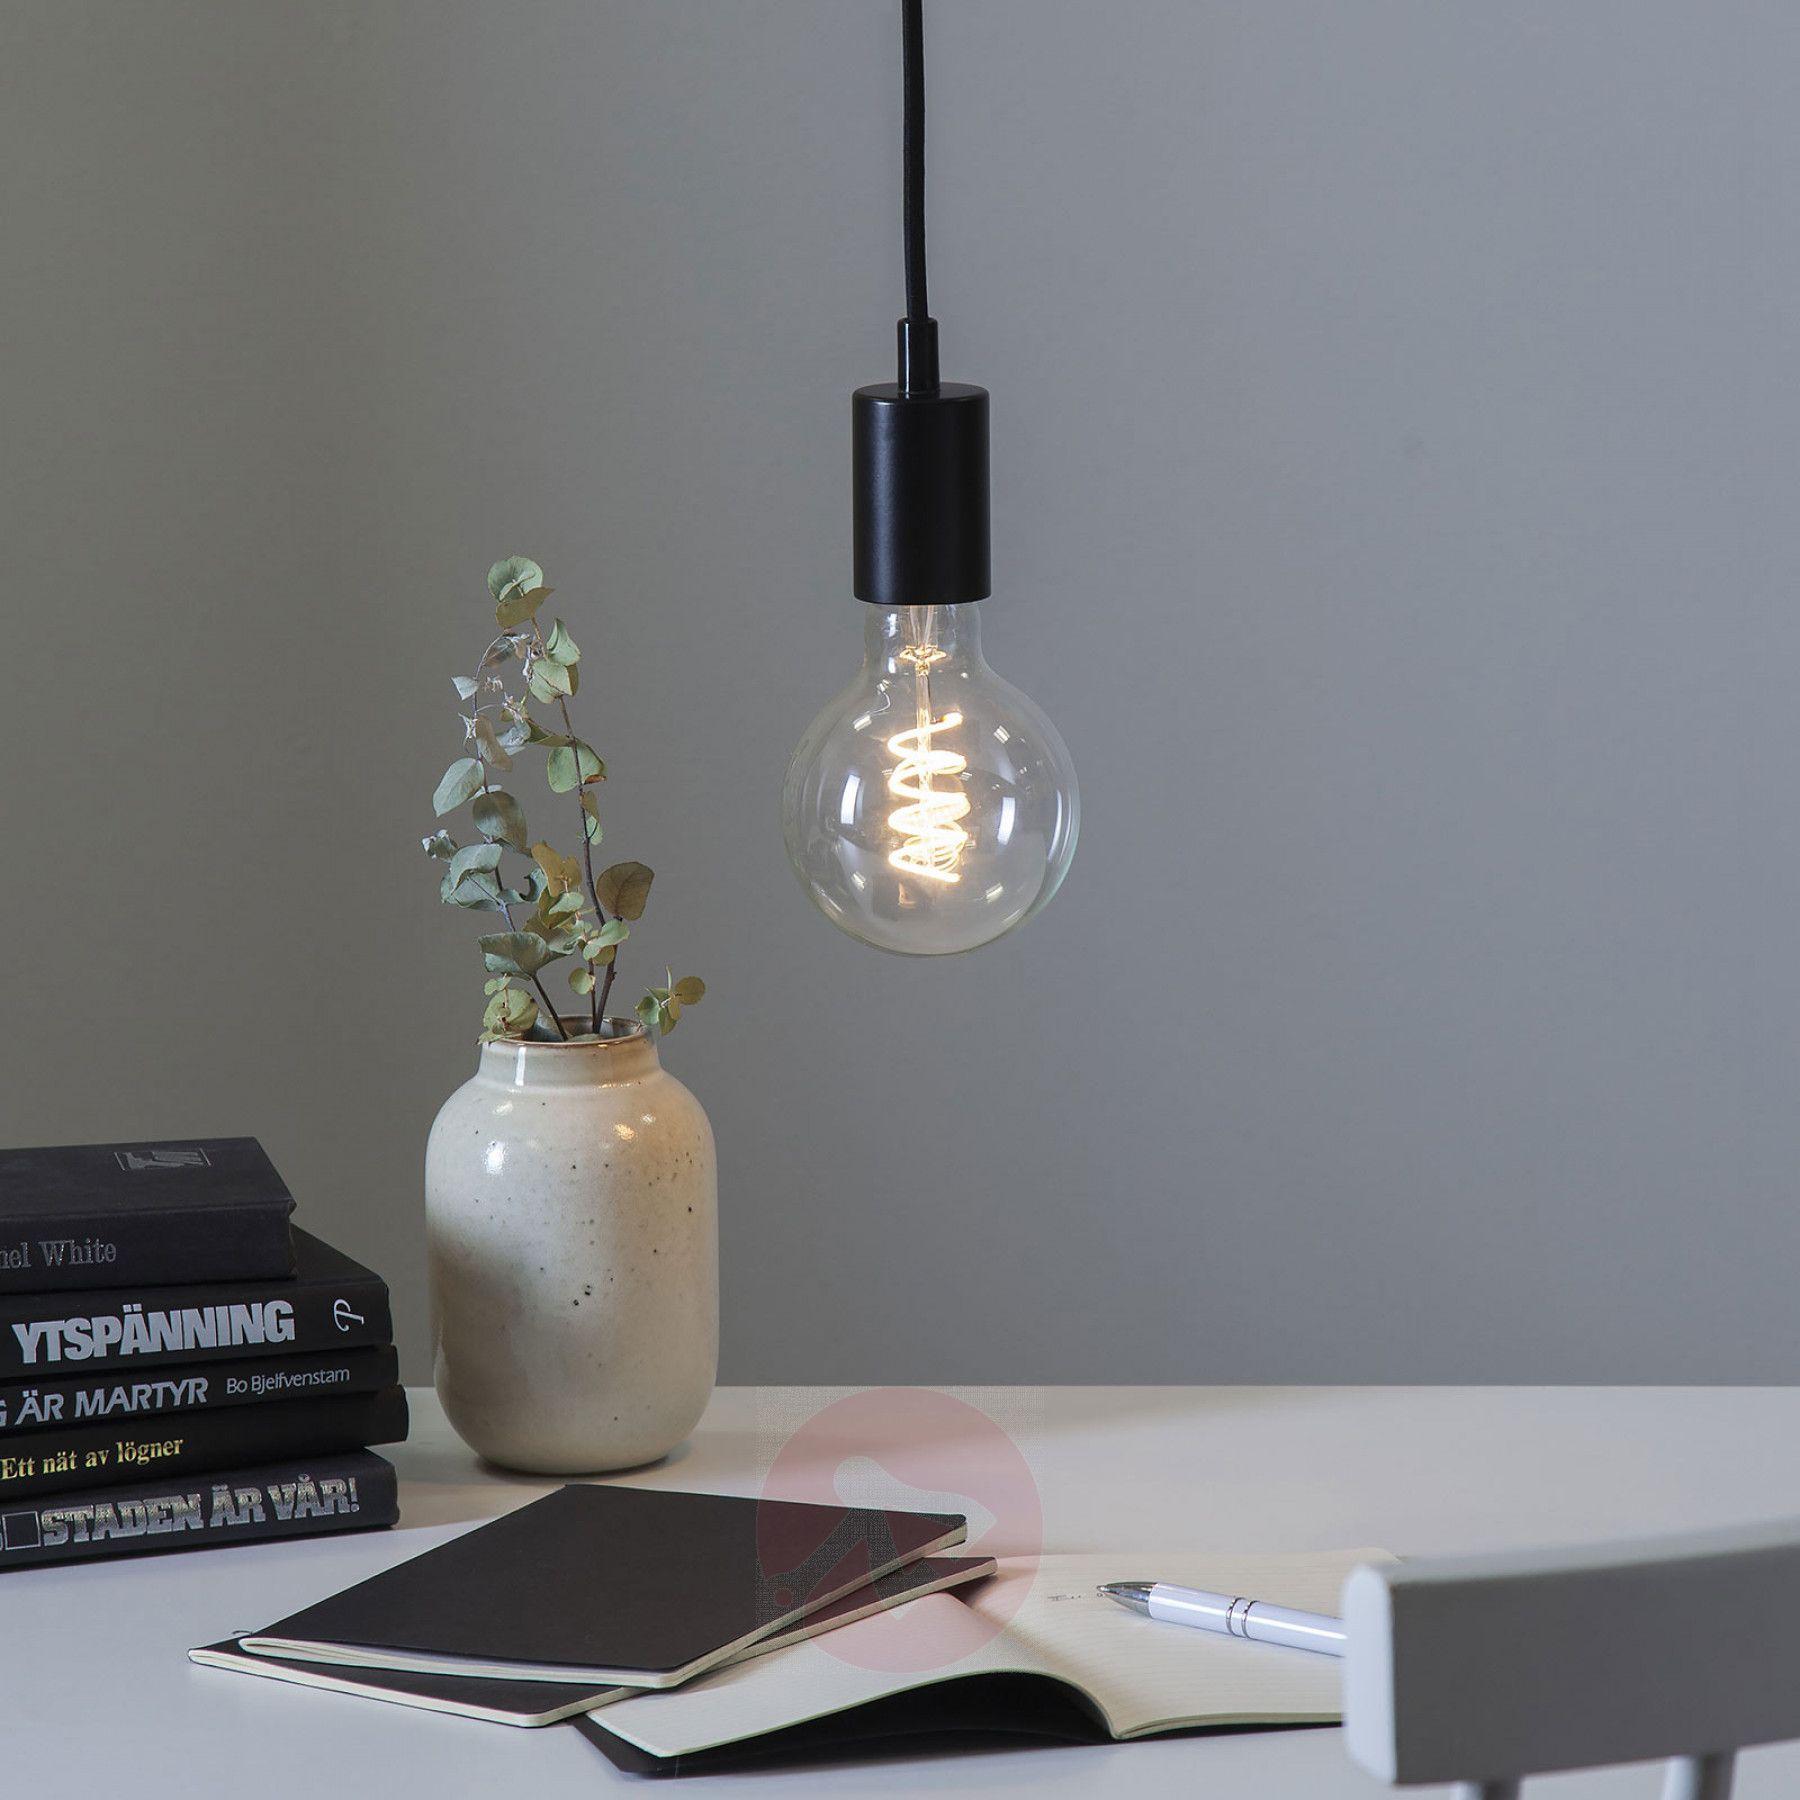 E27 Fassung Stil Mit Kabel Kaufen Lampenwelt De In 2020 Einmachglaslampe E27 Fassung Led Rohren